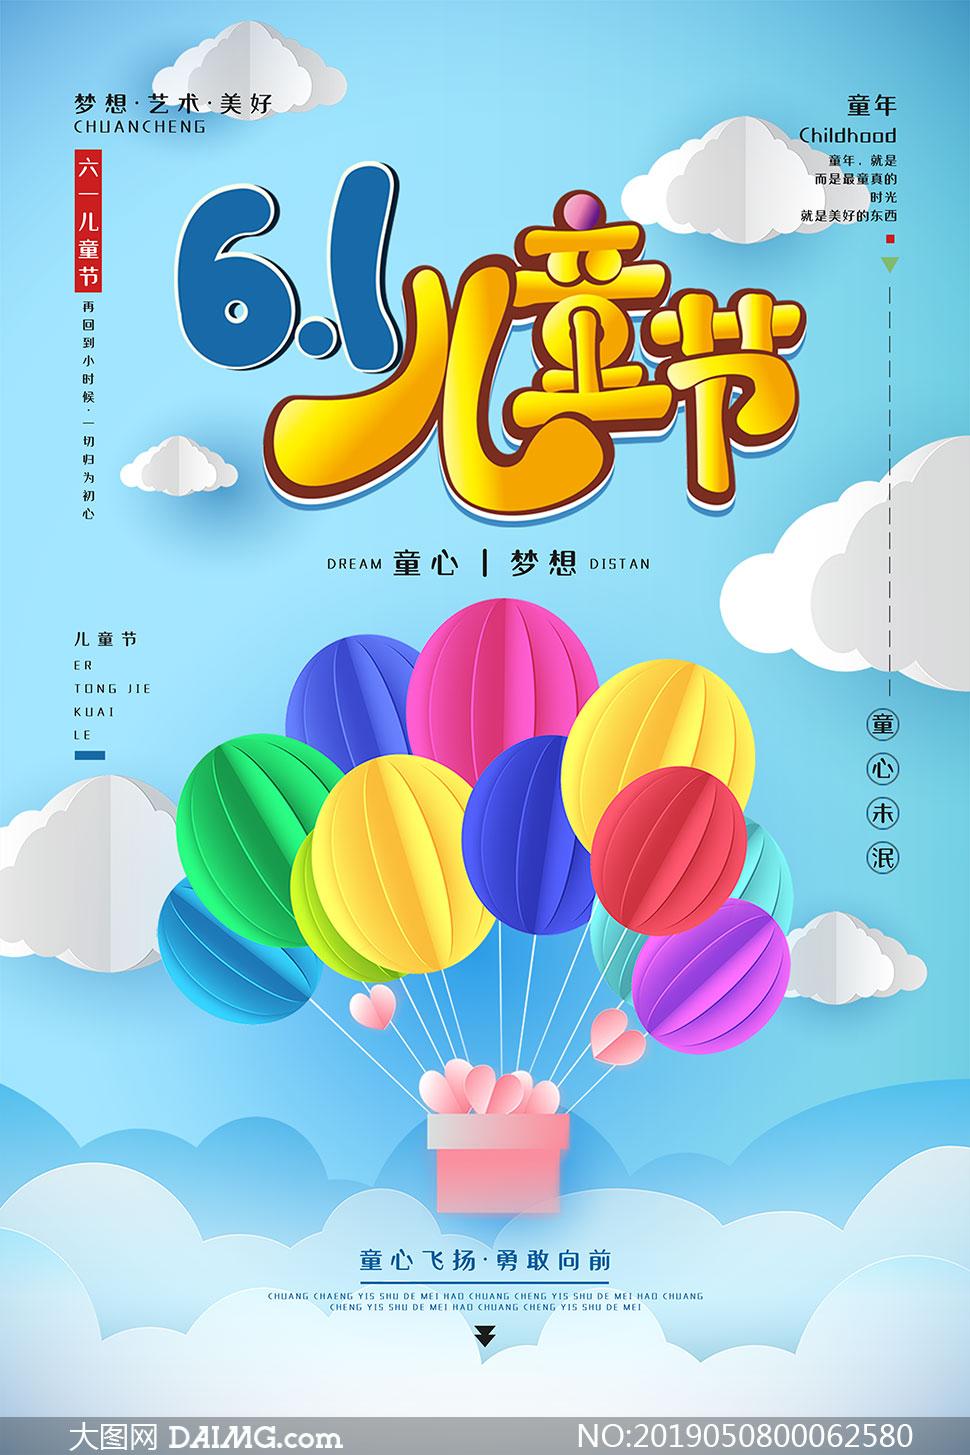 61儿童节主题宣传海报模板psd素材